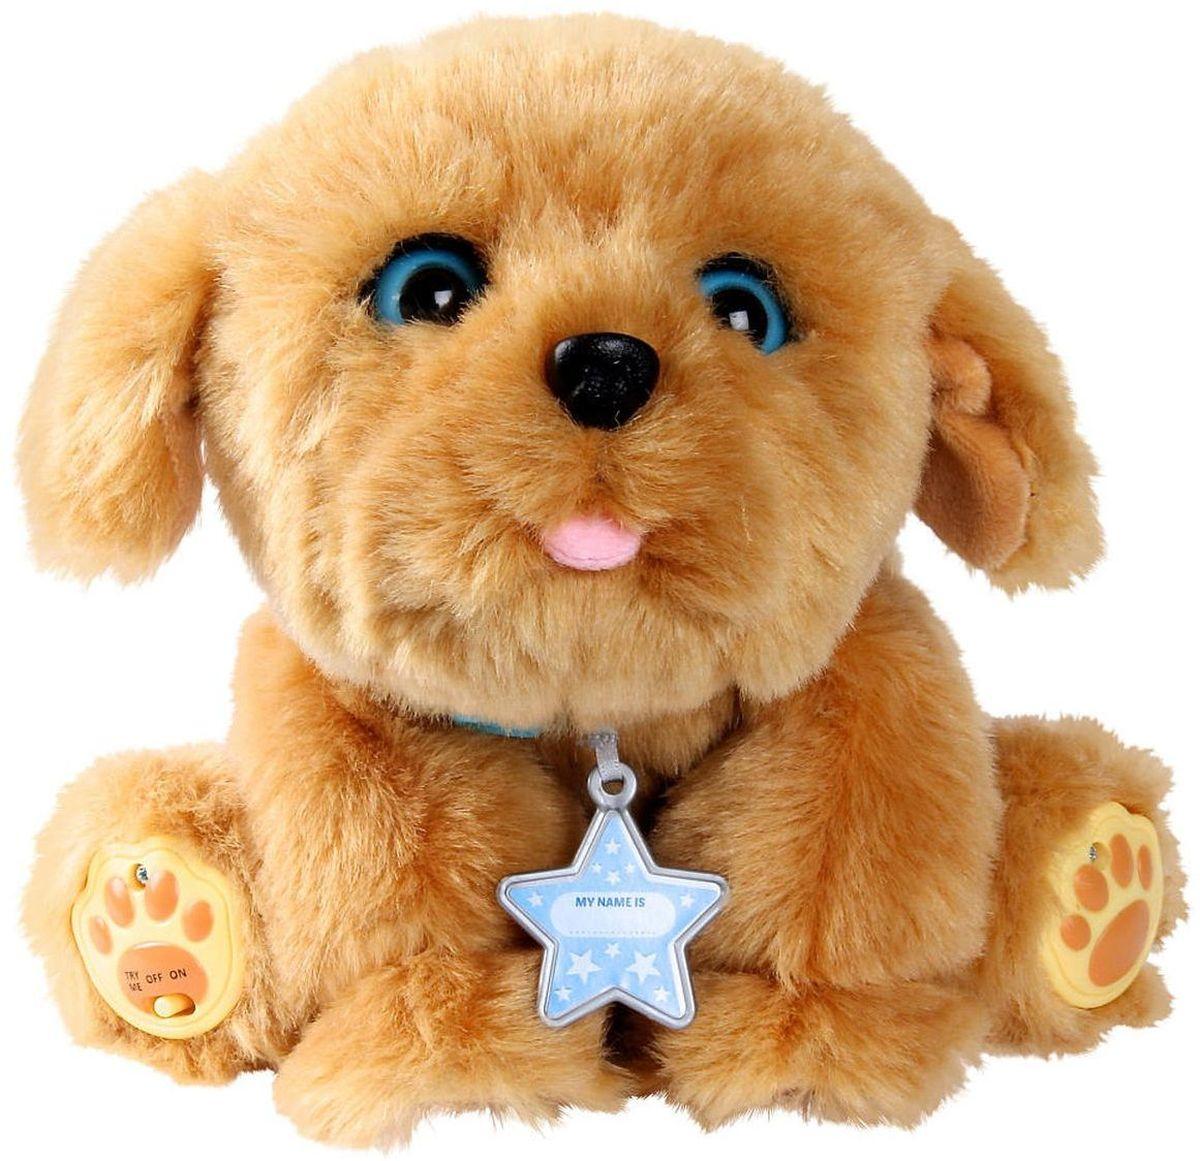 Little Live Pets Интерактивная игрушка Щенок моей мечты28185Интерактивная игрушка Little Live Pets Щенок моей мечты порадует вас пушистой шерсткой и забавным тявканьем. Собака для детей - это не только игрушка, но и самый первый и самый верный друг в их жизни. А также это первая возможность потренировать свою ответственность и хозяйственность, ведь с собакой нужно общаться, кормить и регулярно выгуливать. Но не всем выпадает такое счастье. Многие родители не могут брать на себя такую ответственность в силу разных обстоятельств. Тогда Щенок моей мечты сможет вам помочь. Щенок очень похож на настоящего. Он двигает головой, если его погладить, он будет открывать и закрывать глазки. Щенок радостно тявкает и даже скулит от удовольствия. Если ему нажать на носик, он сначала зафыркает, а потом оближет своего хозяина. В комплект входит бутылочка, из которой можно покормить питомца, при этом щенок будет издавать звуки, очень похожие на настоящие. Если щенка посадить, он сначала будет звать своего хозяина, а потом уснет, закрыв...